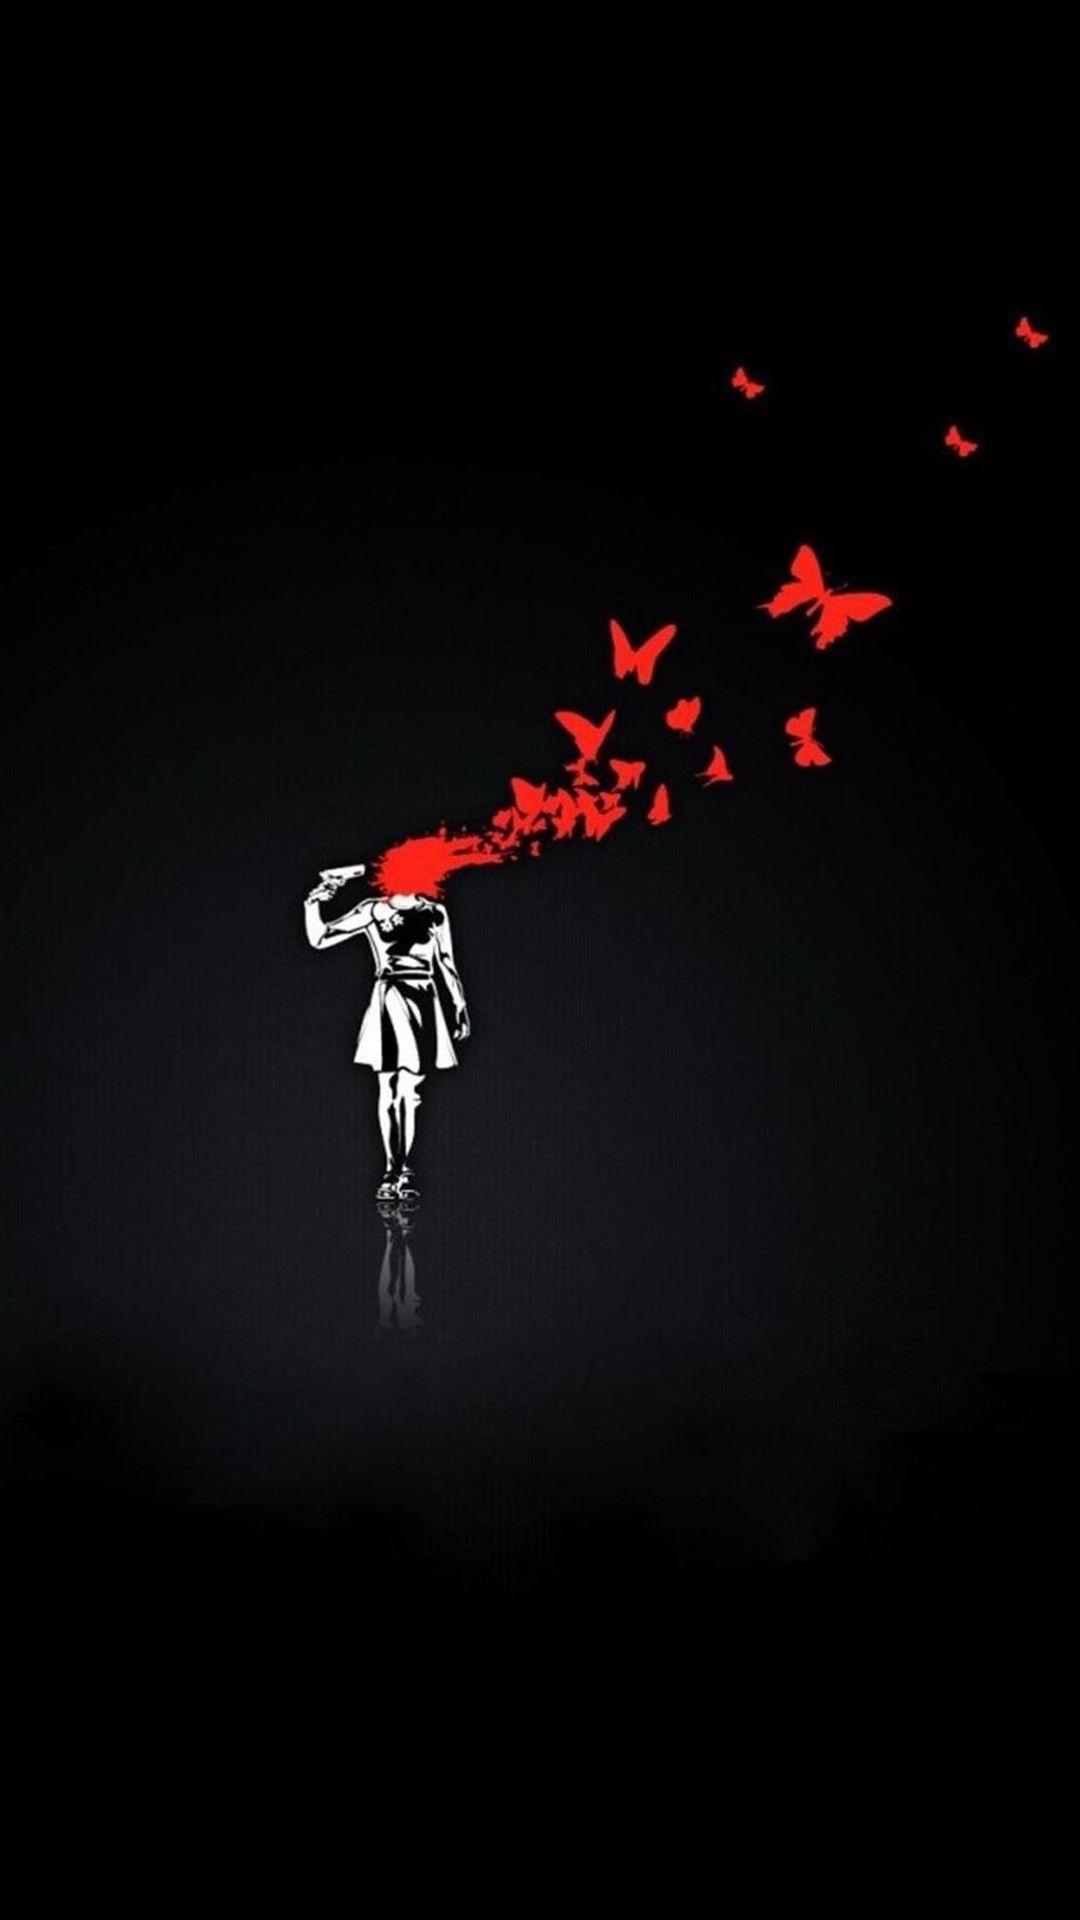 Pin by Jason McKiernan on iPhone Wallpaper Broken heart